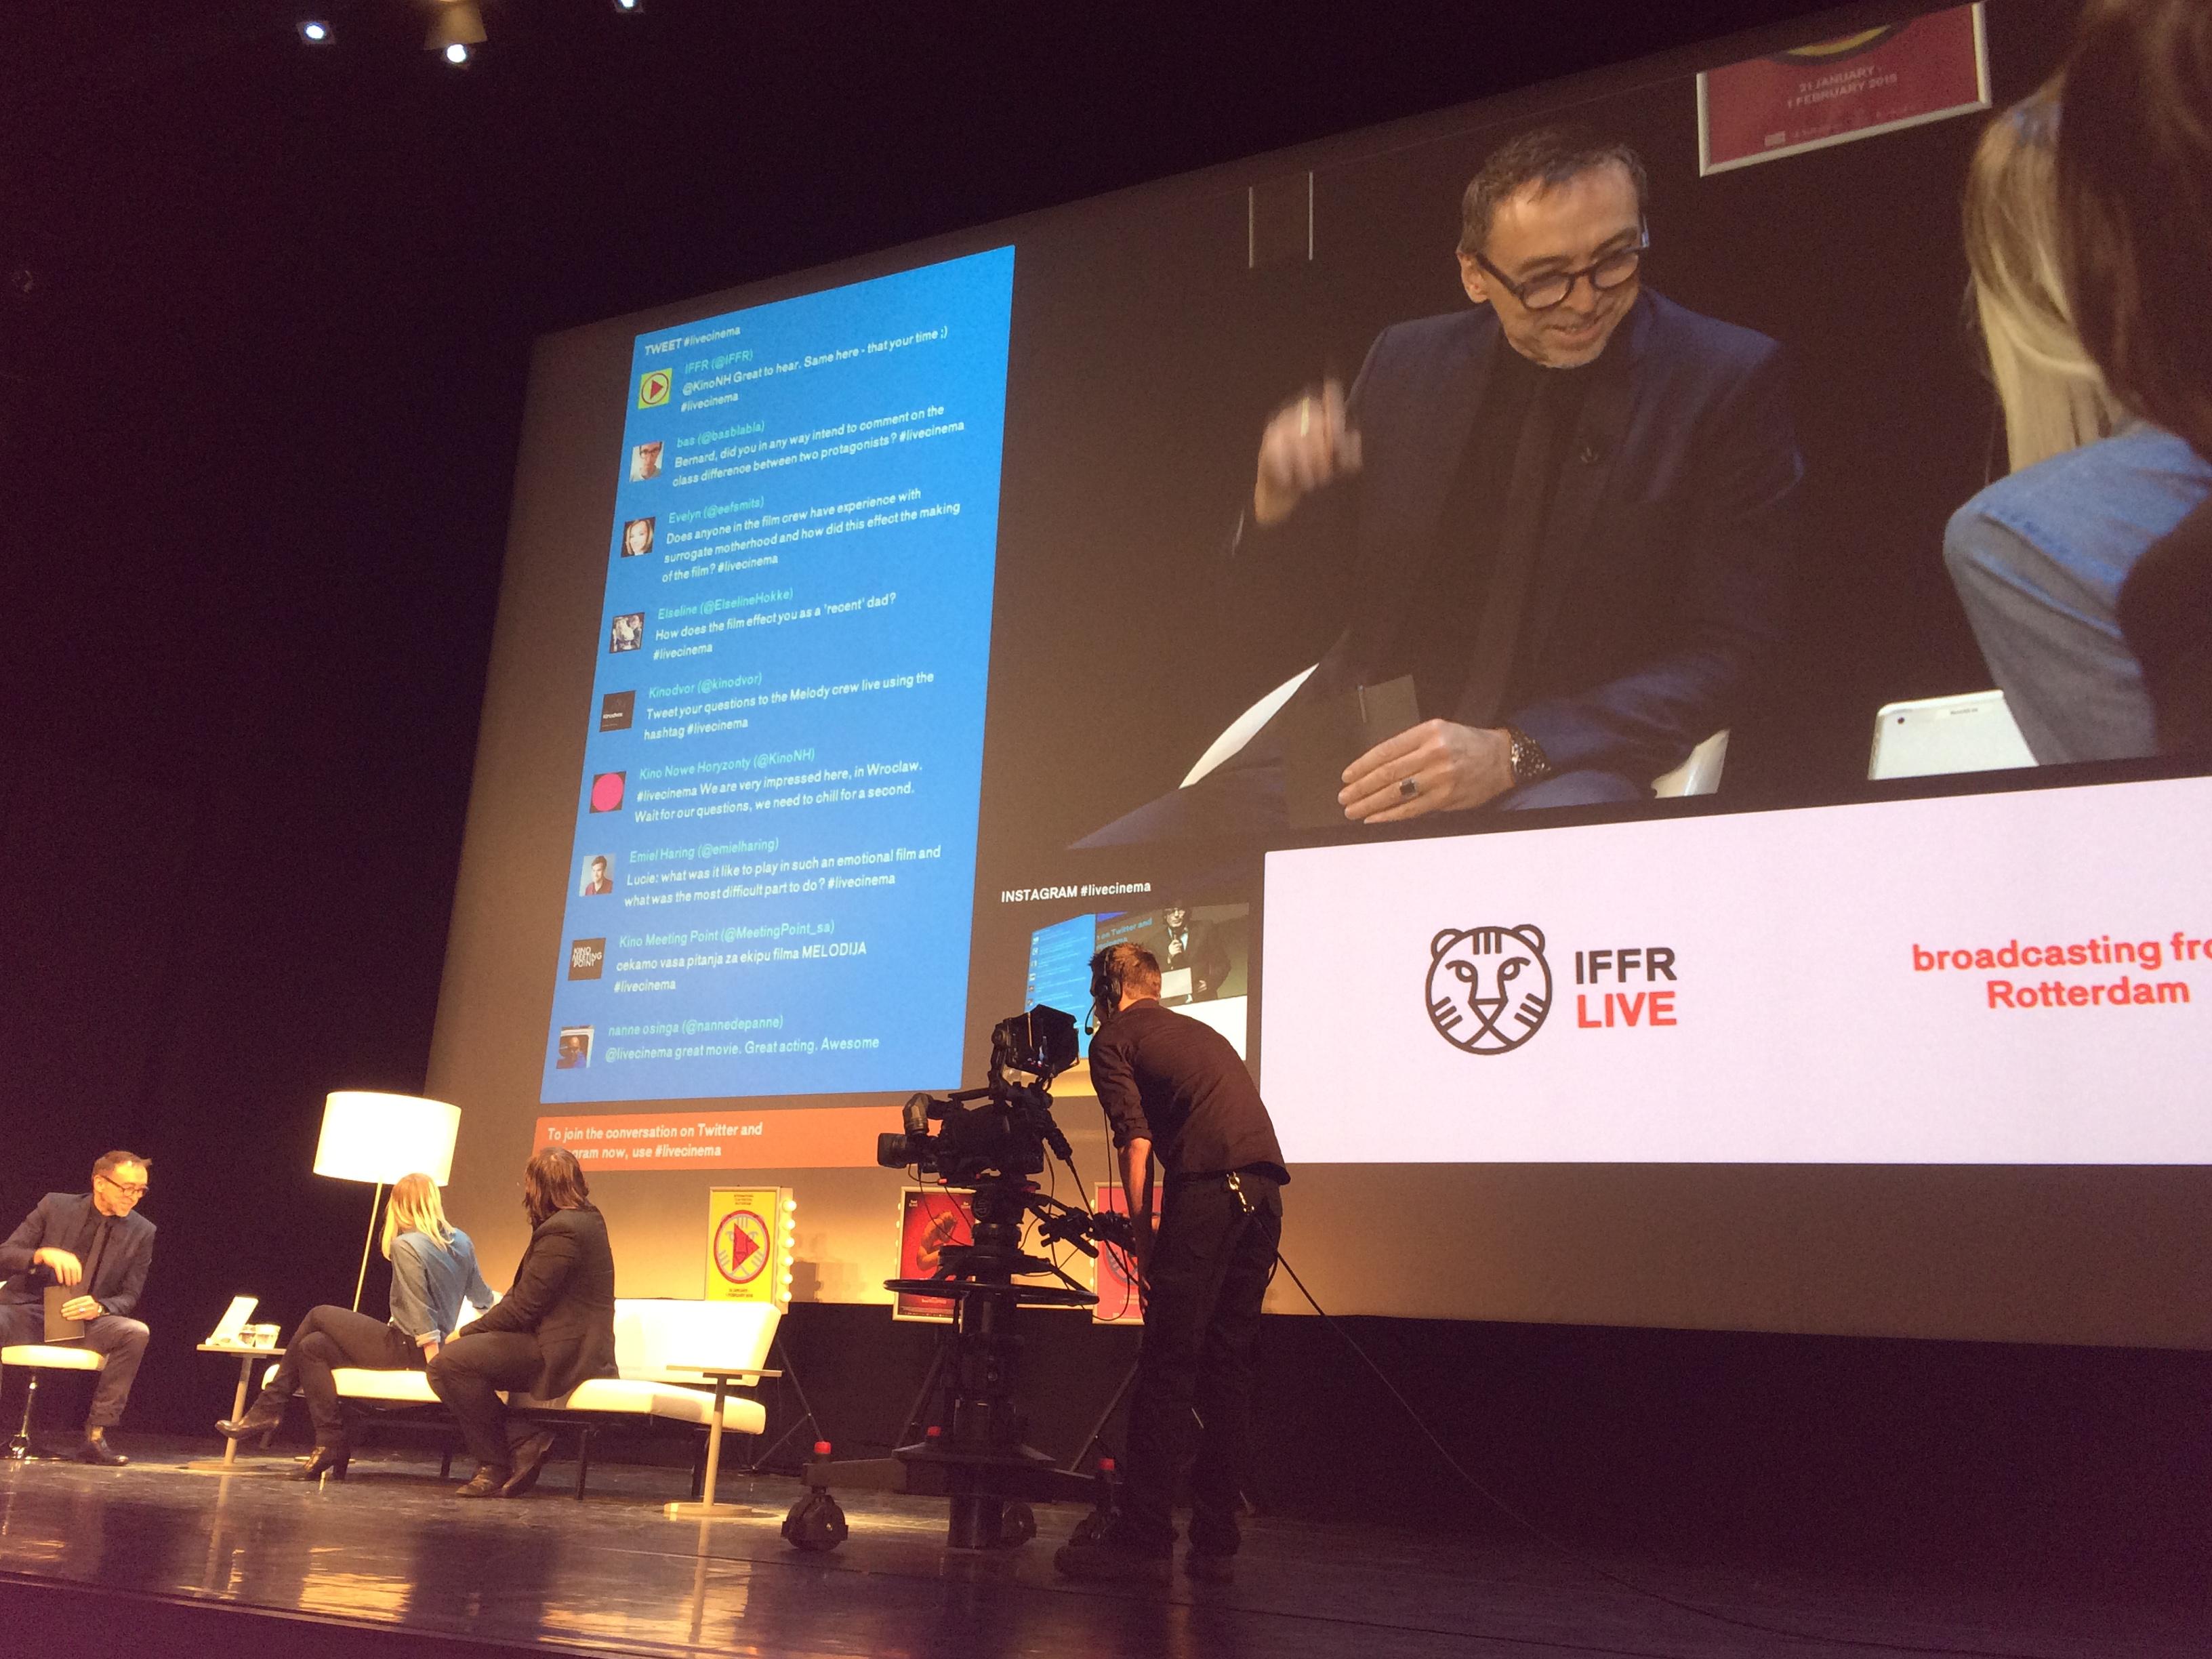 Social media at International Film Festival Rotterdam 2015